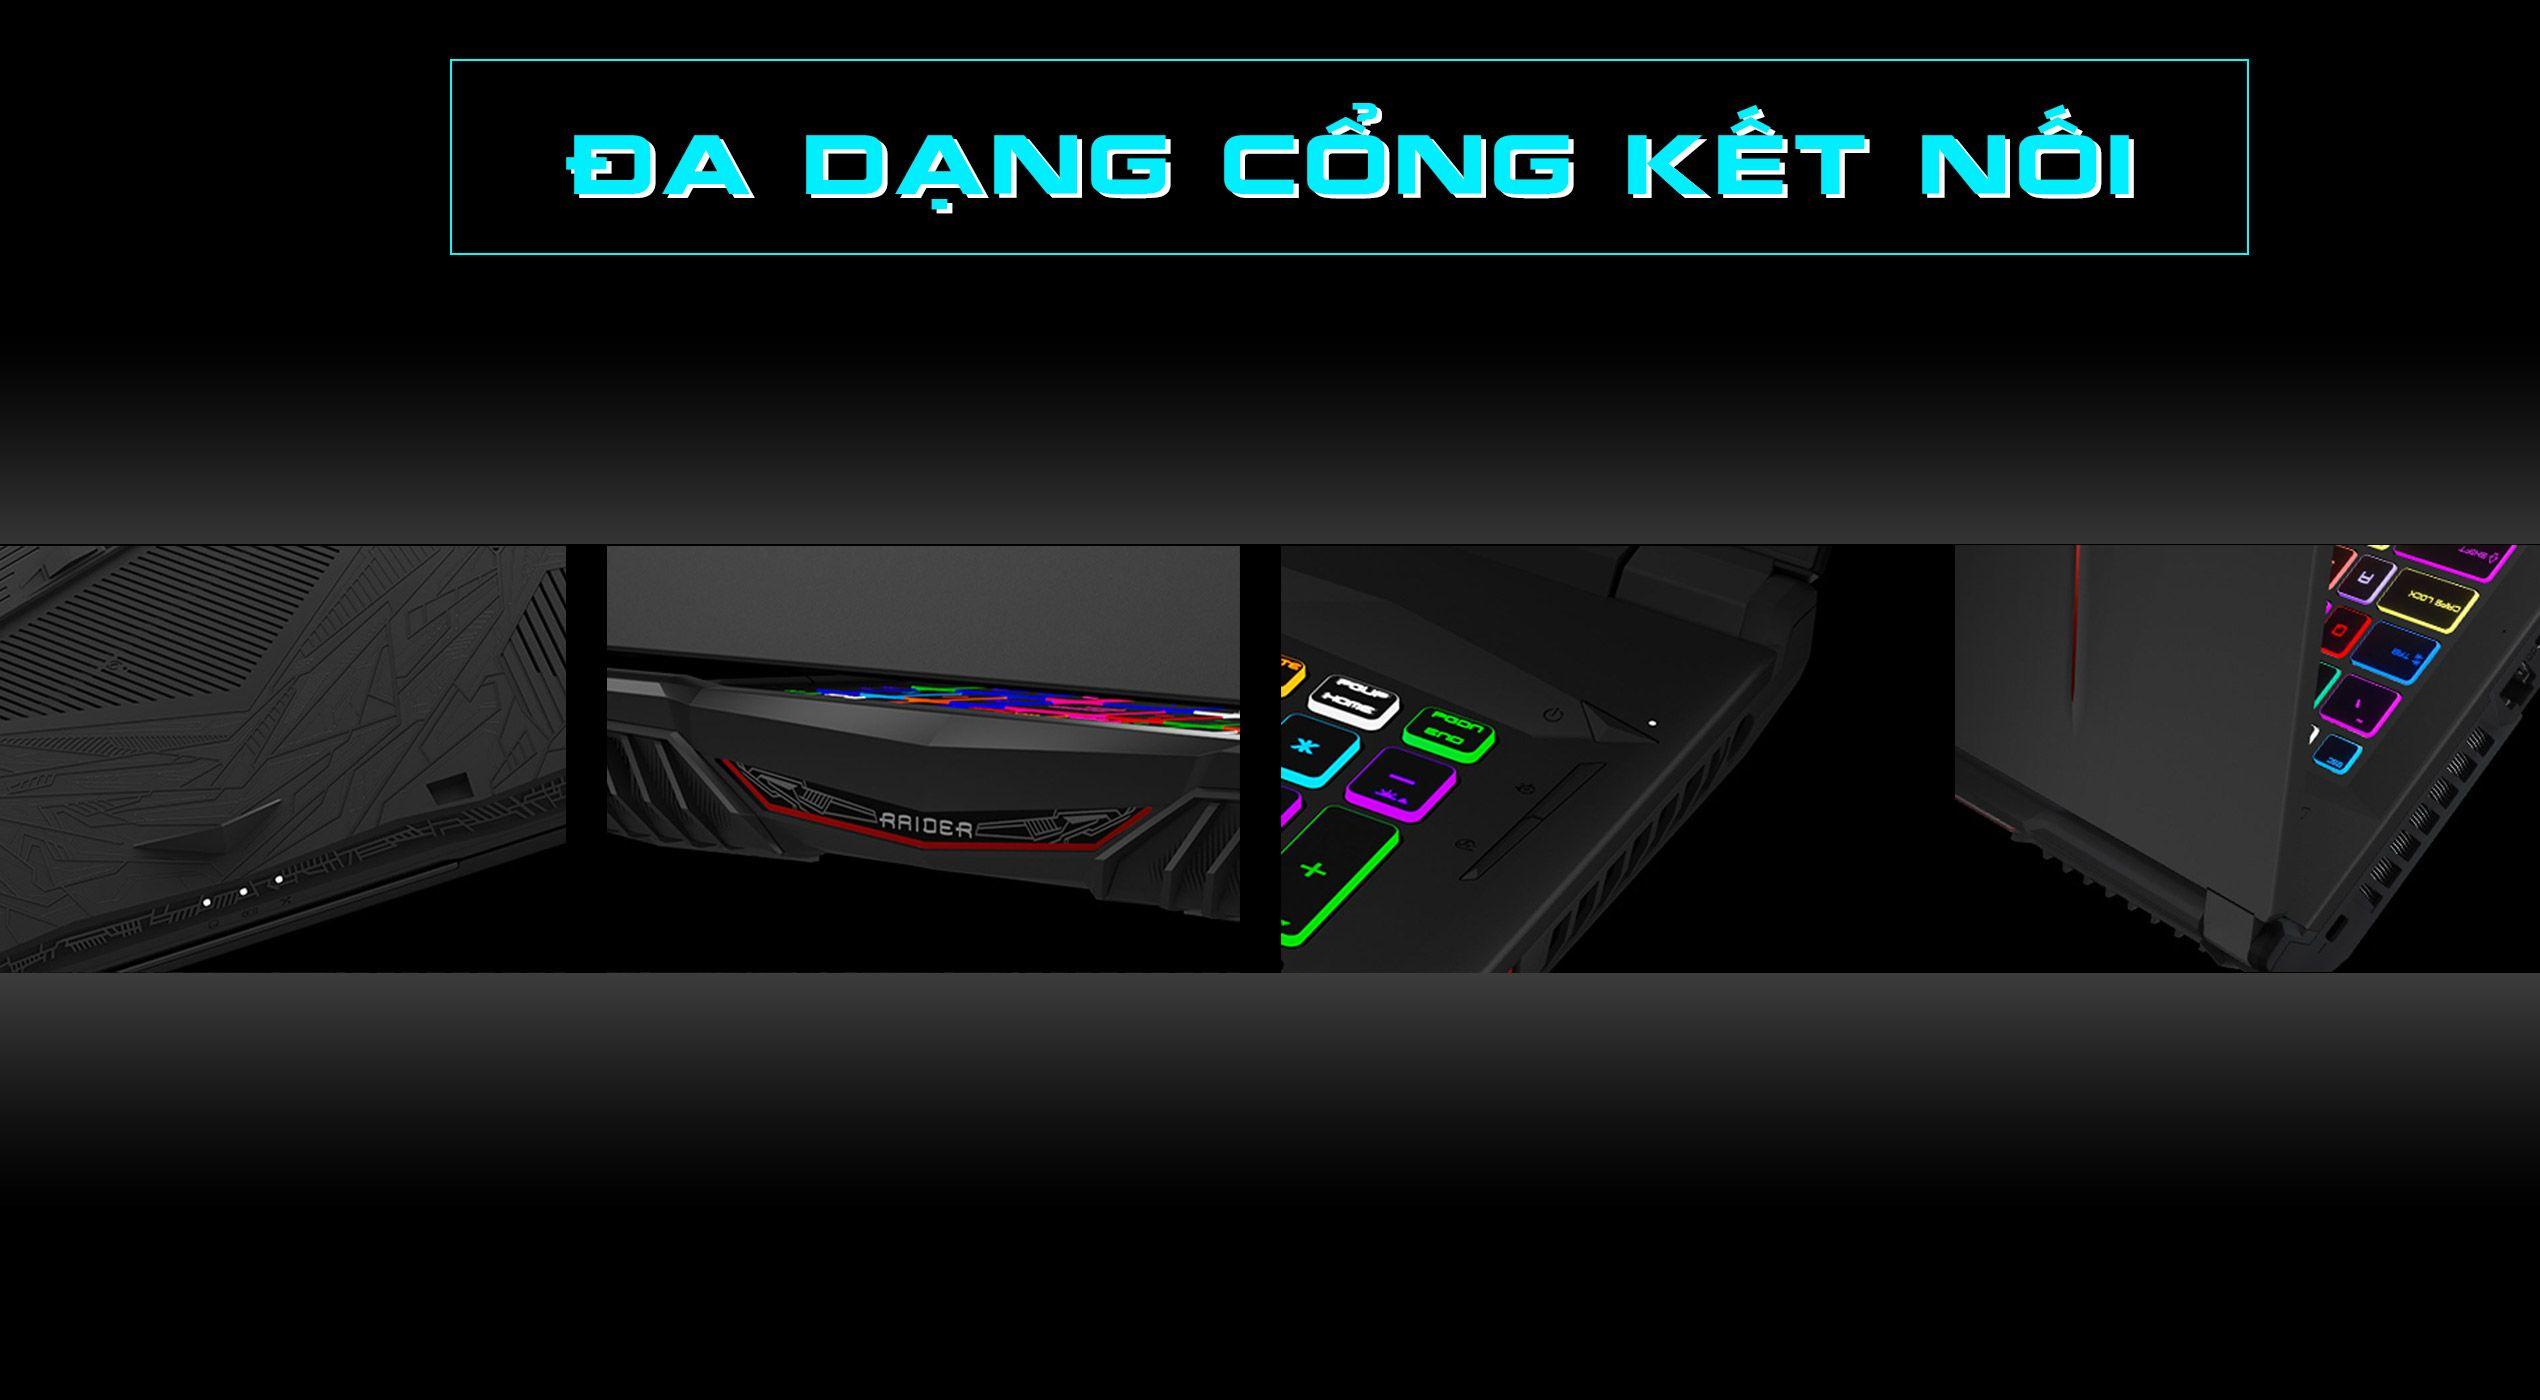 laptop gaming msi ge75 raider 10sfs 0756cn có đa dạng cổng kết nối